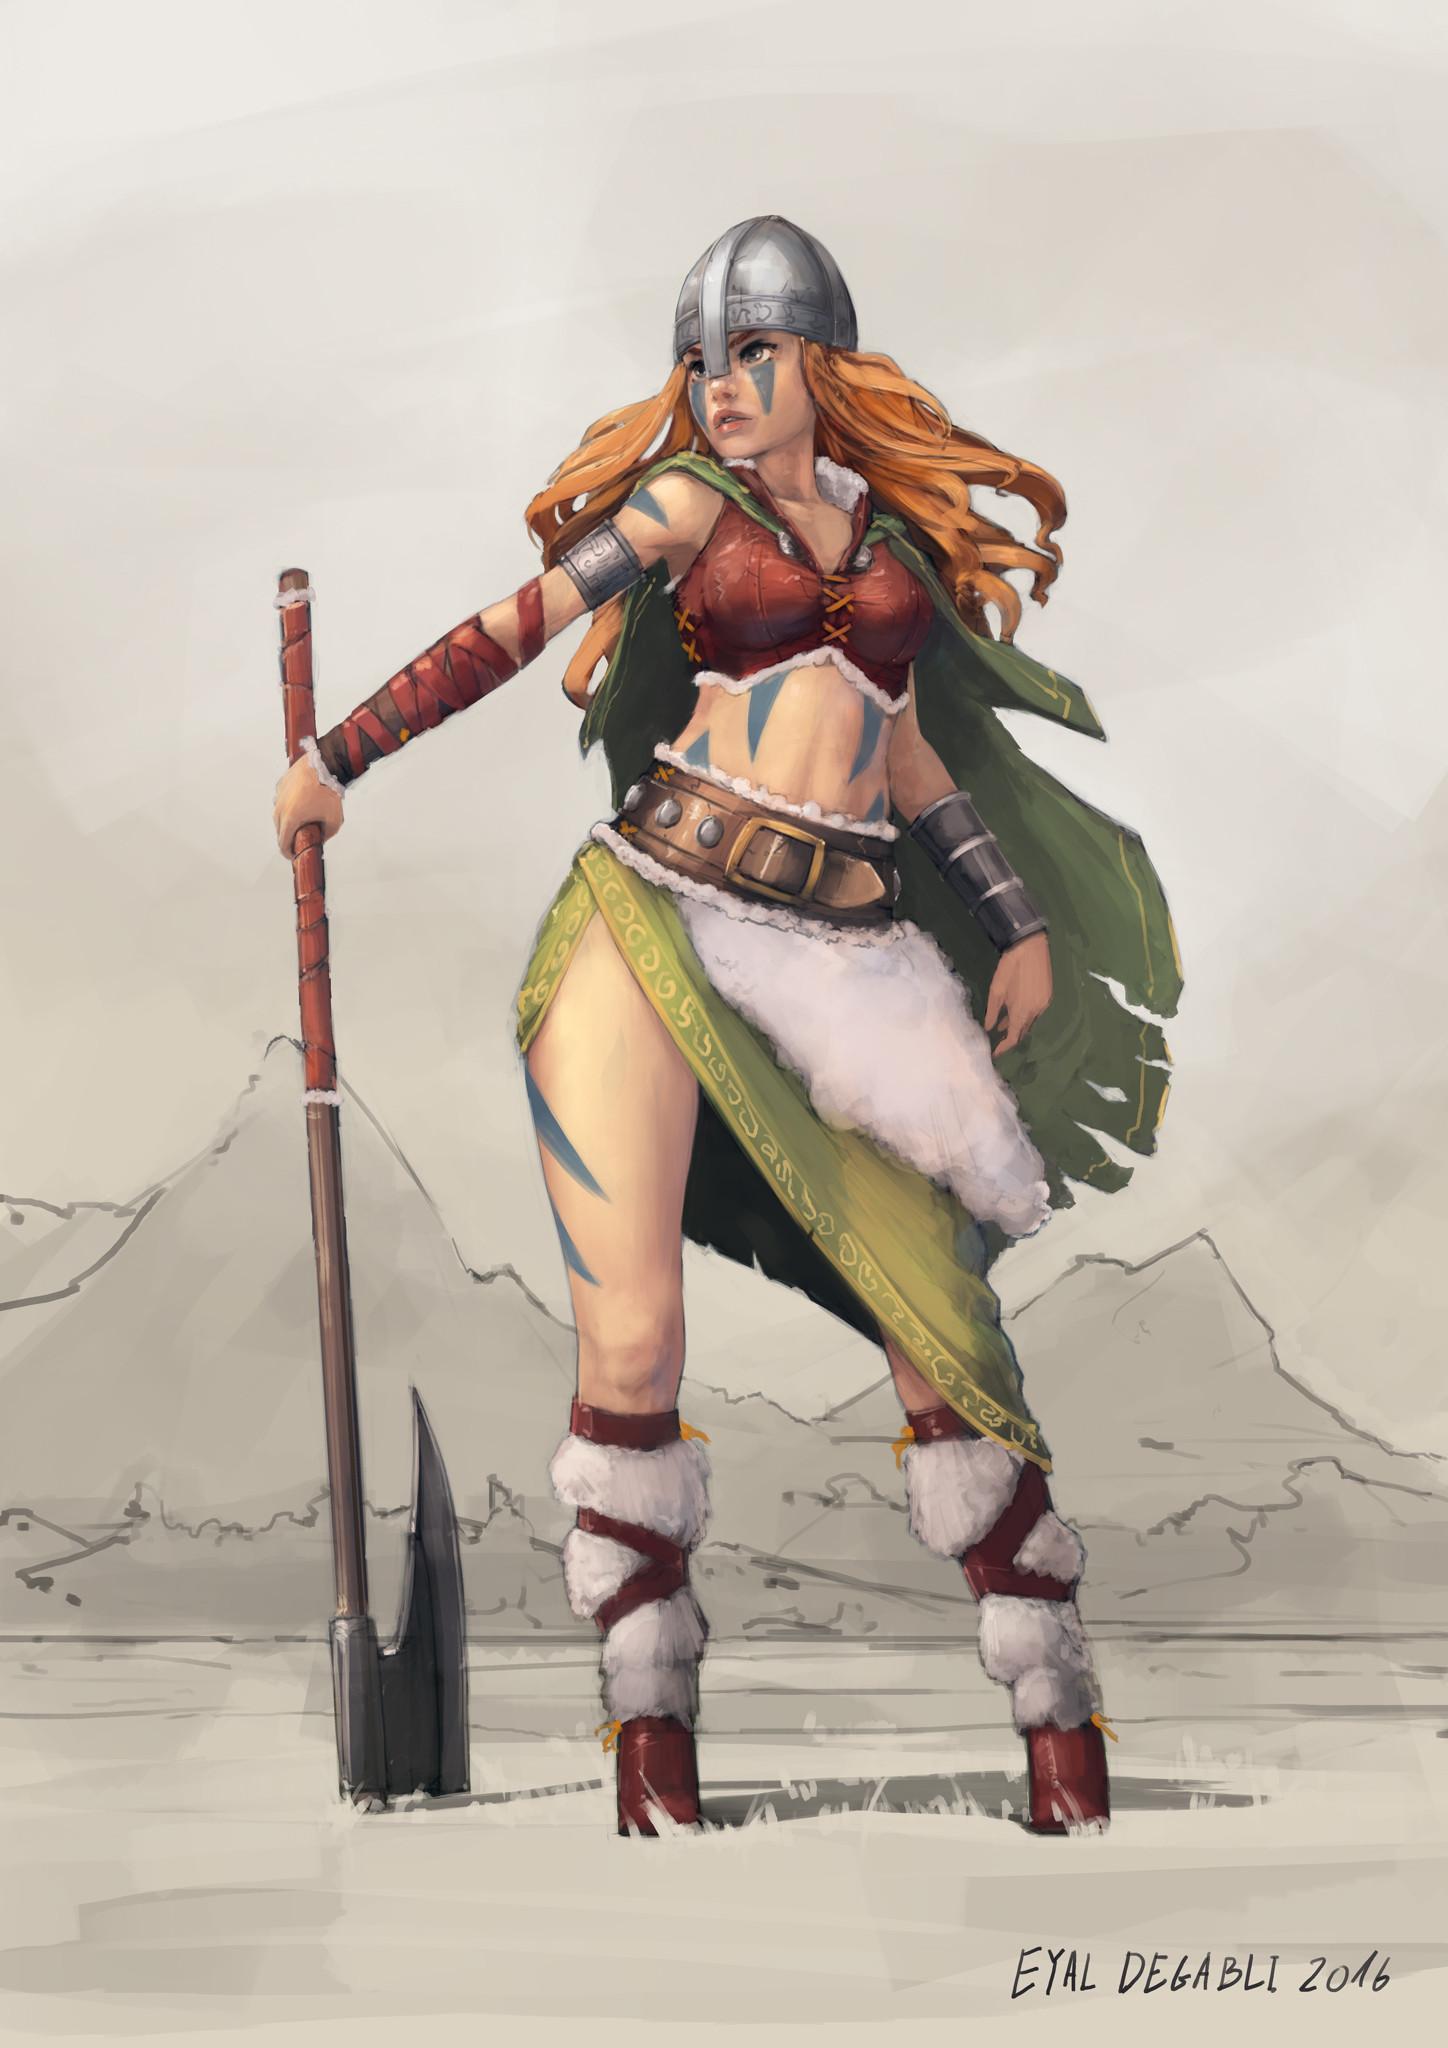 Eyal degabli viking 08 s20